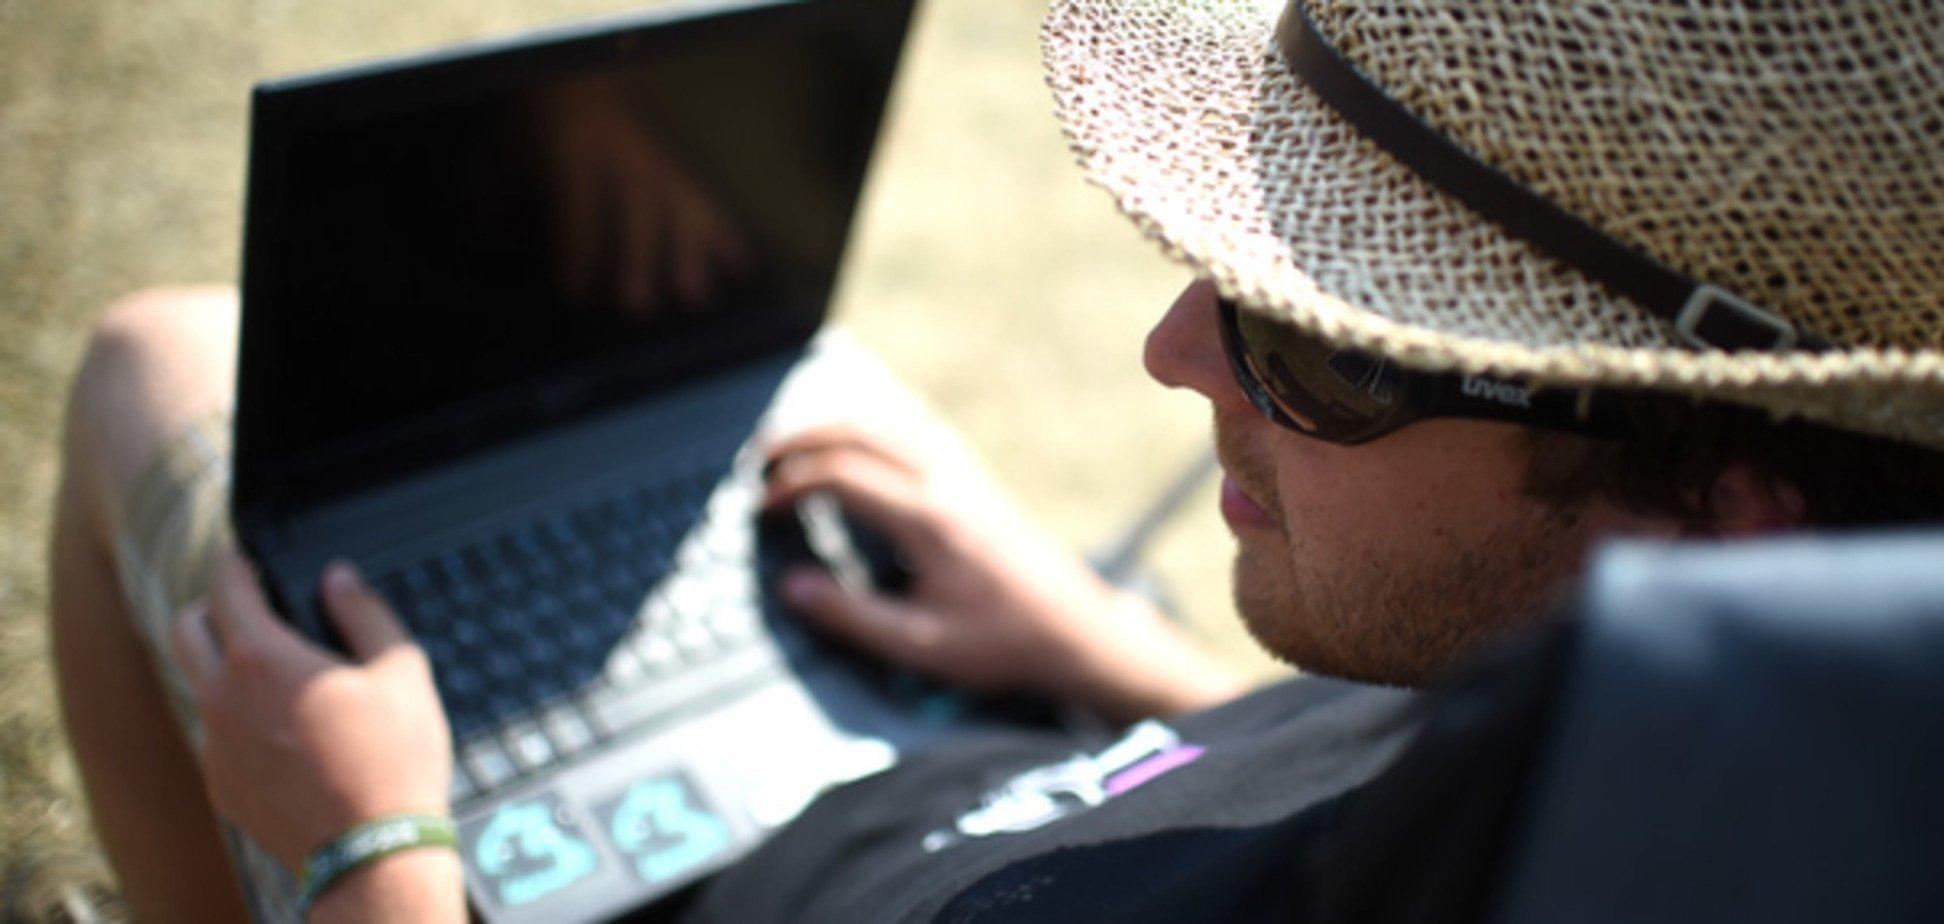 Вибираємо краще: експерти назвали найнадійніші ноутбуки